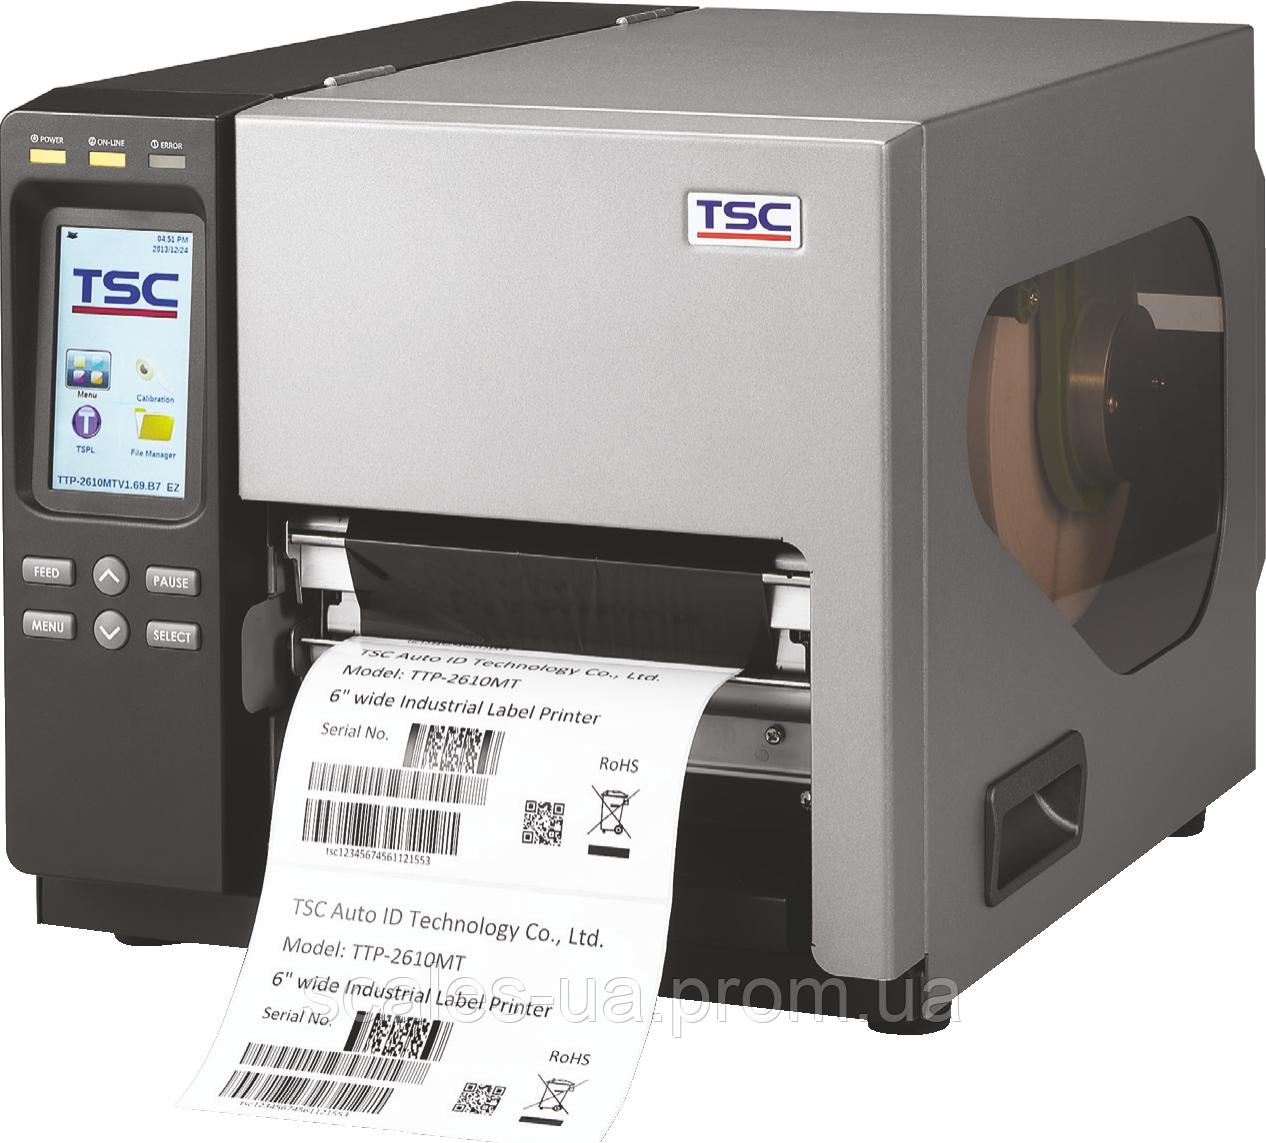 Принтер TSC TTP-286MT